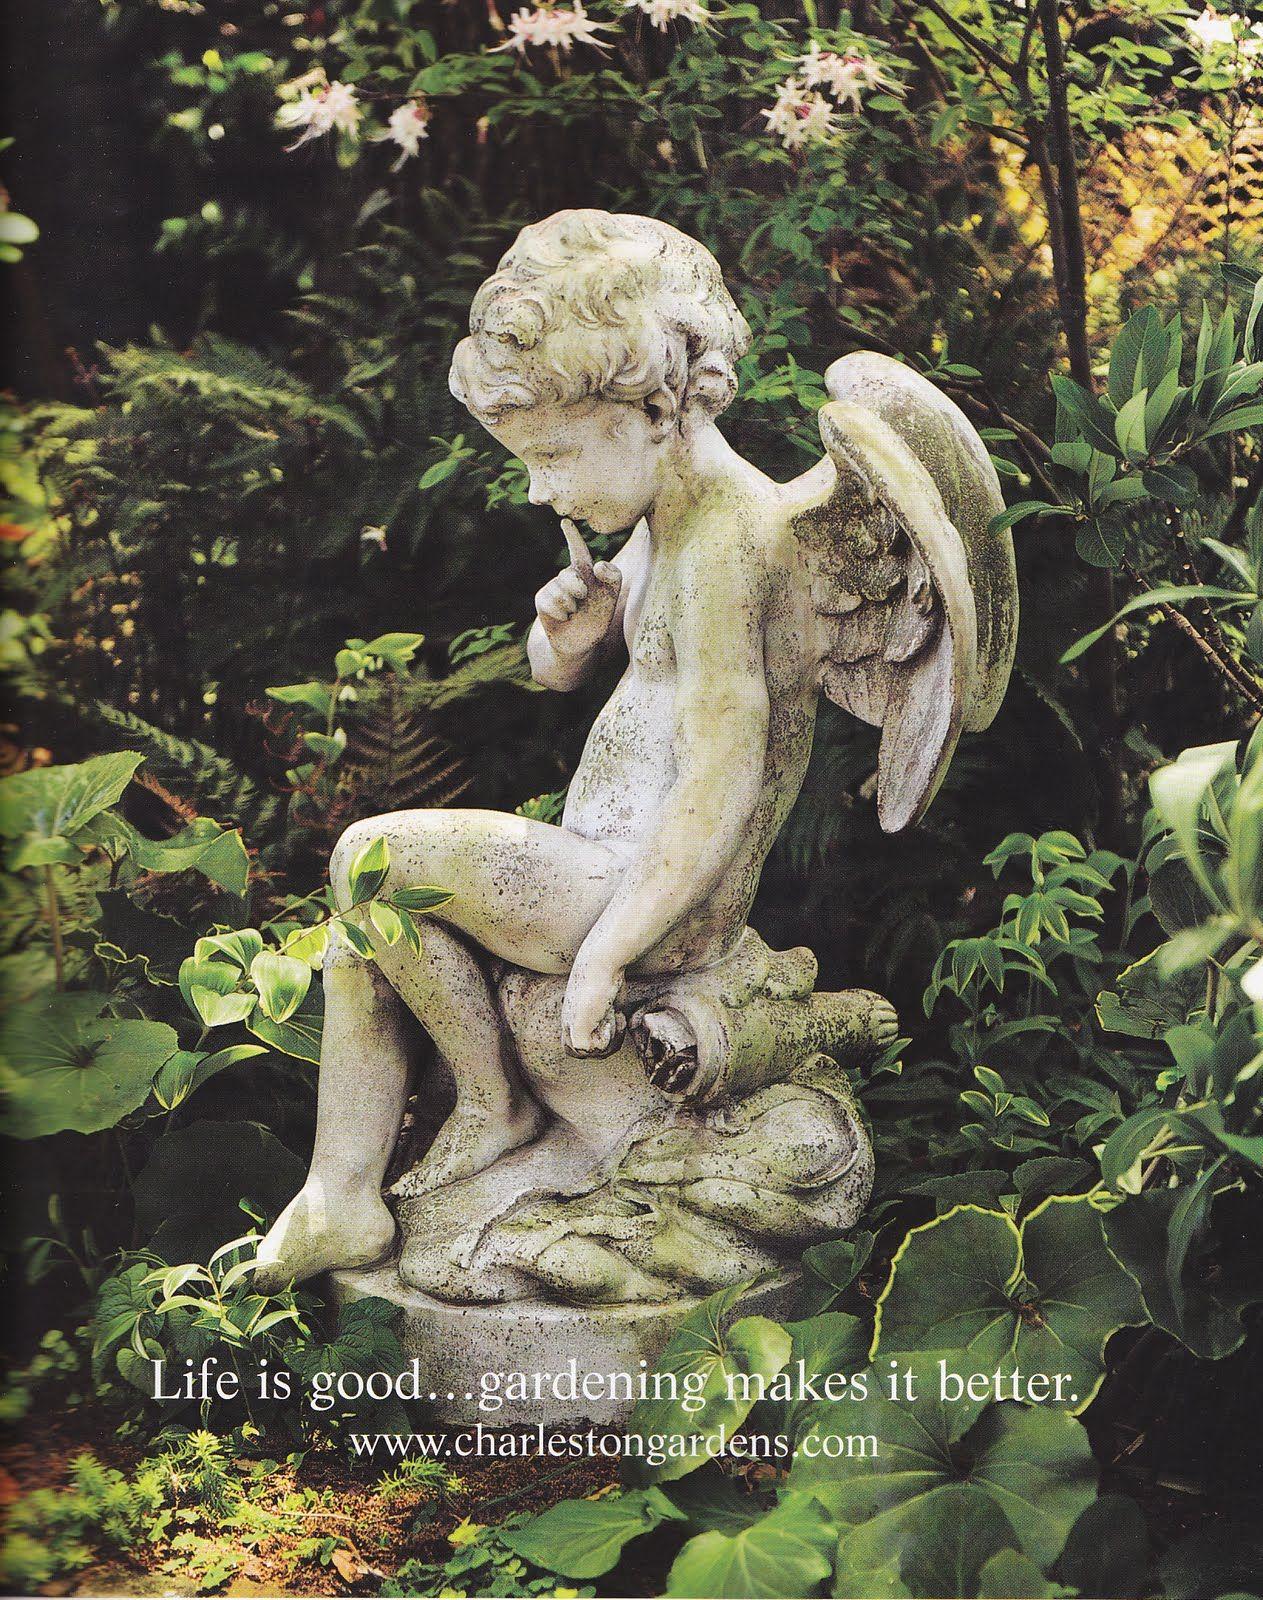 garden statues garden statues charleston gardens garden statues garden. Black Bedroom Furniture Sets. Home Design Ideas